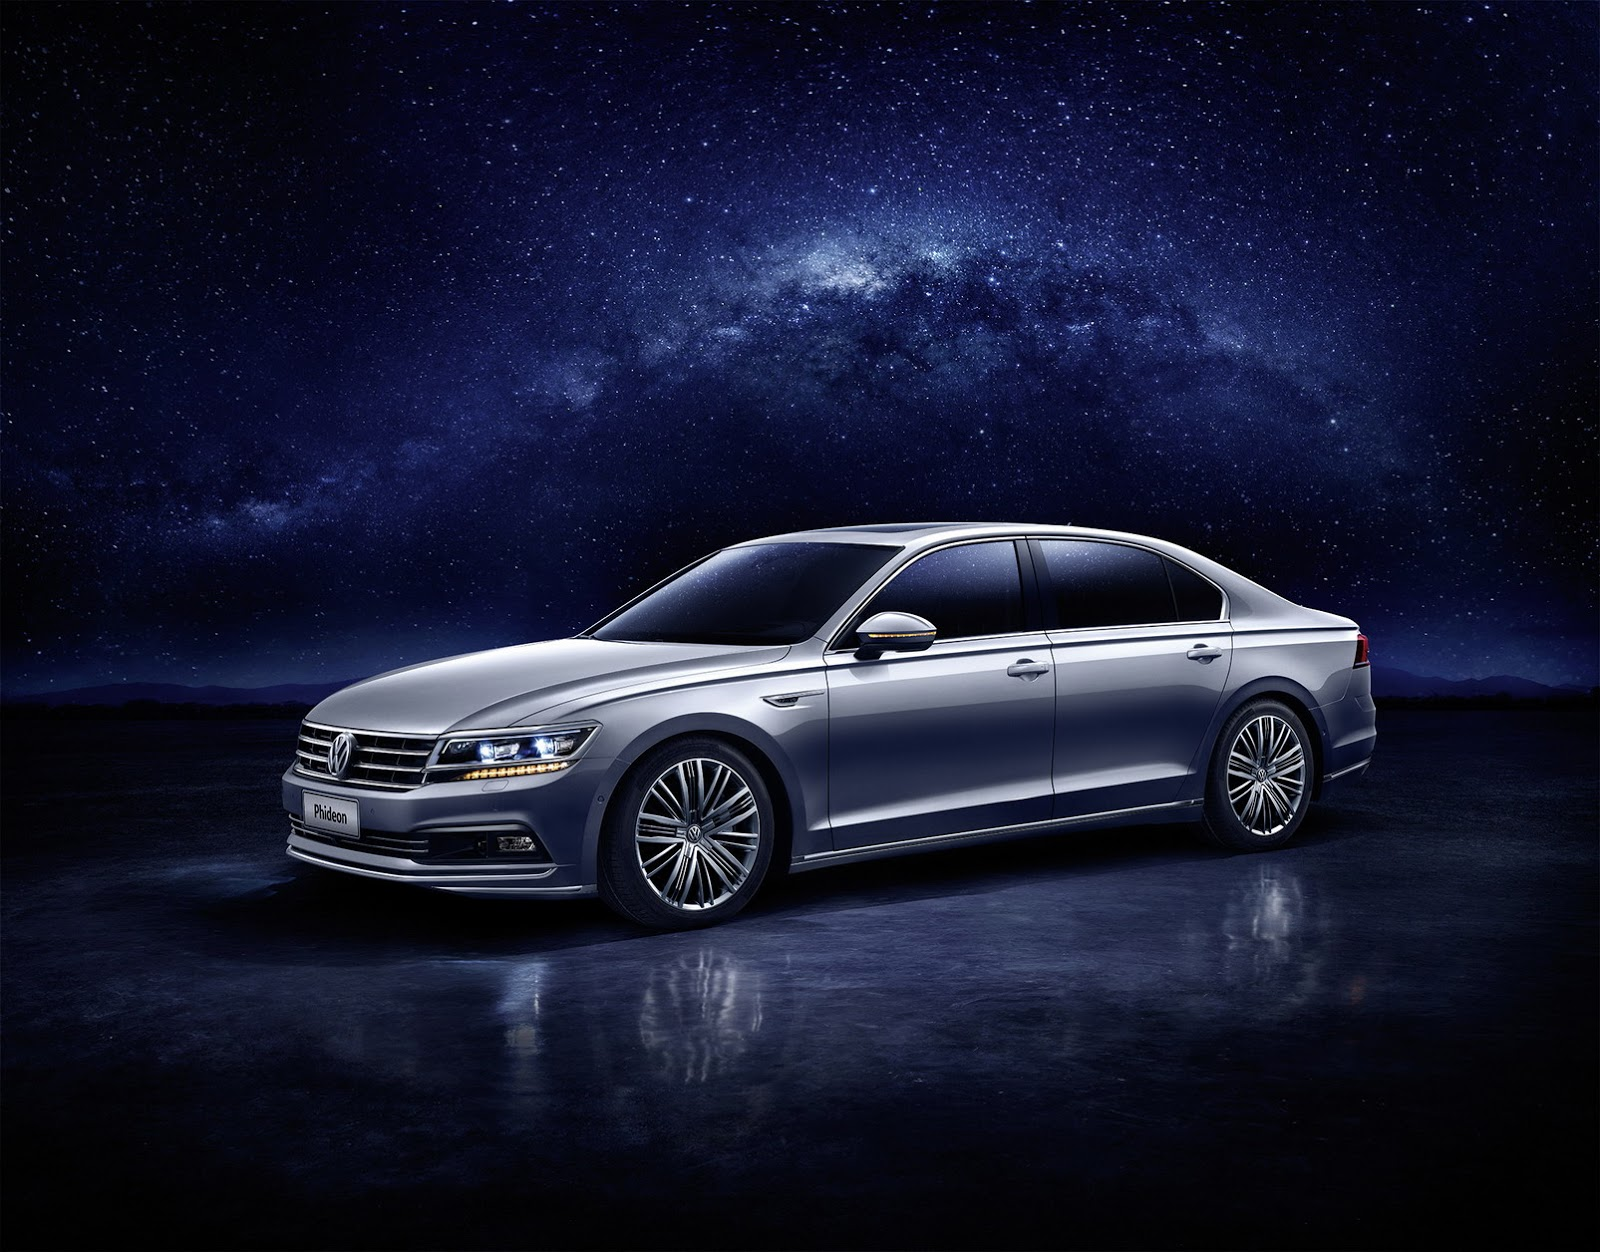 Volkswagen Phideon 2017 là saloon hạng sang dành cho thị trường Trung Quốc